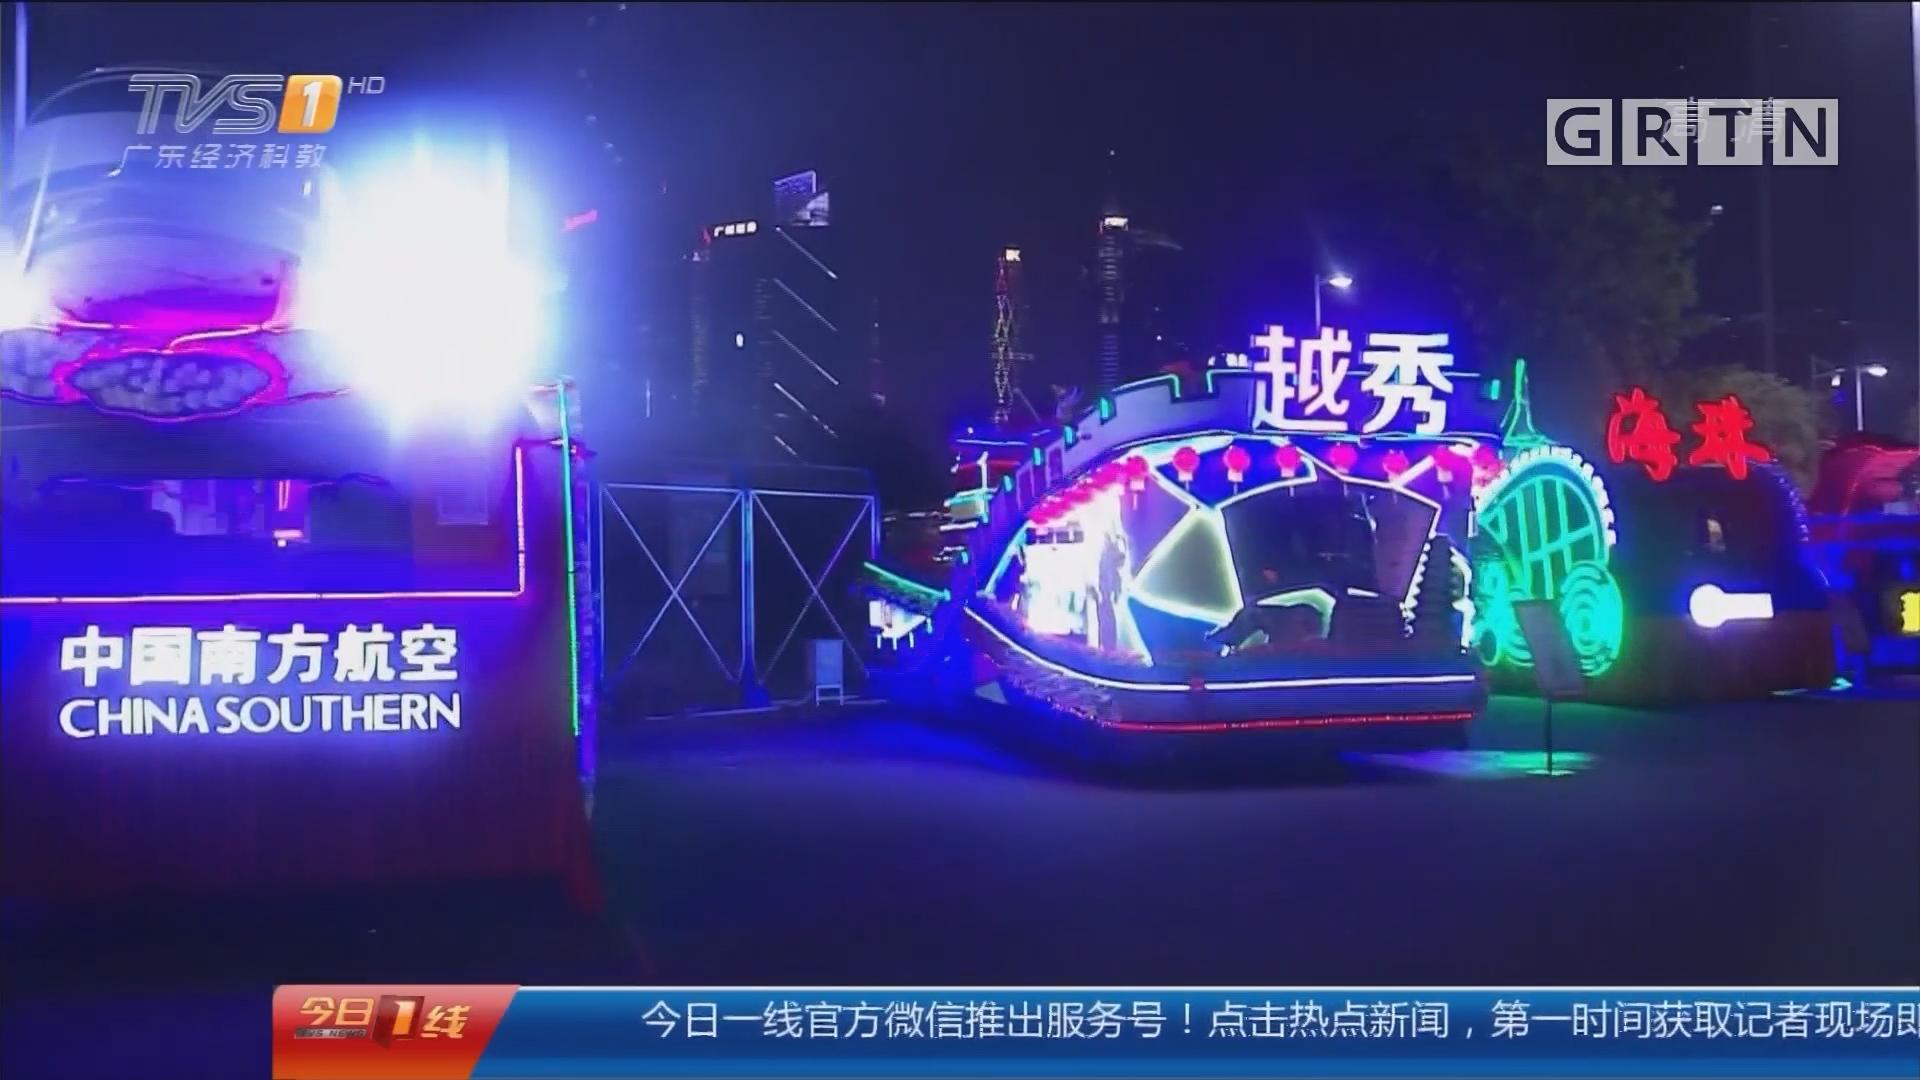 广州:花车静态展示 惊艳亮灯